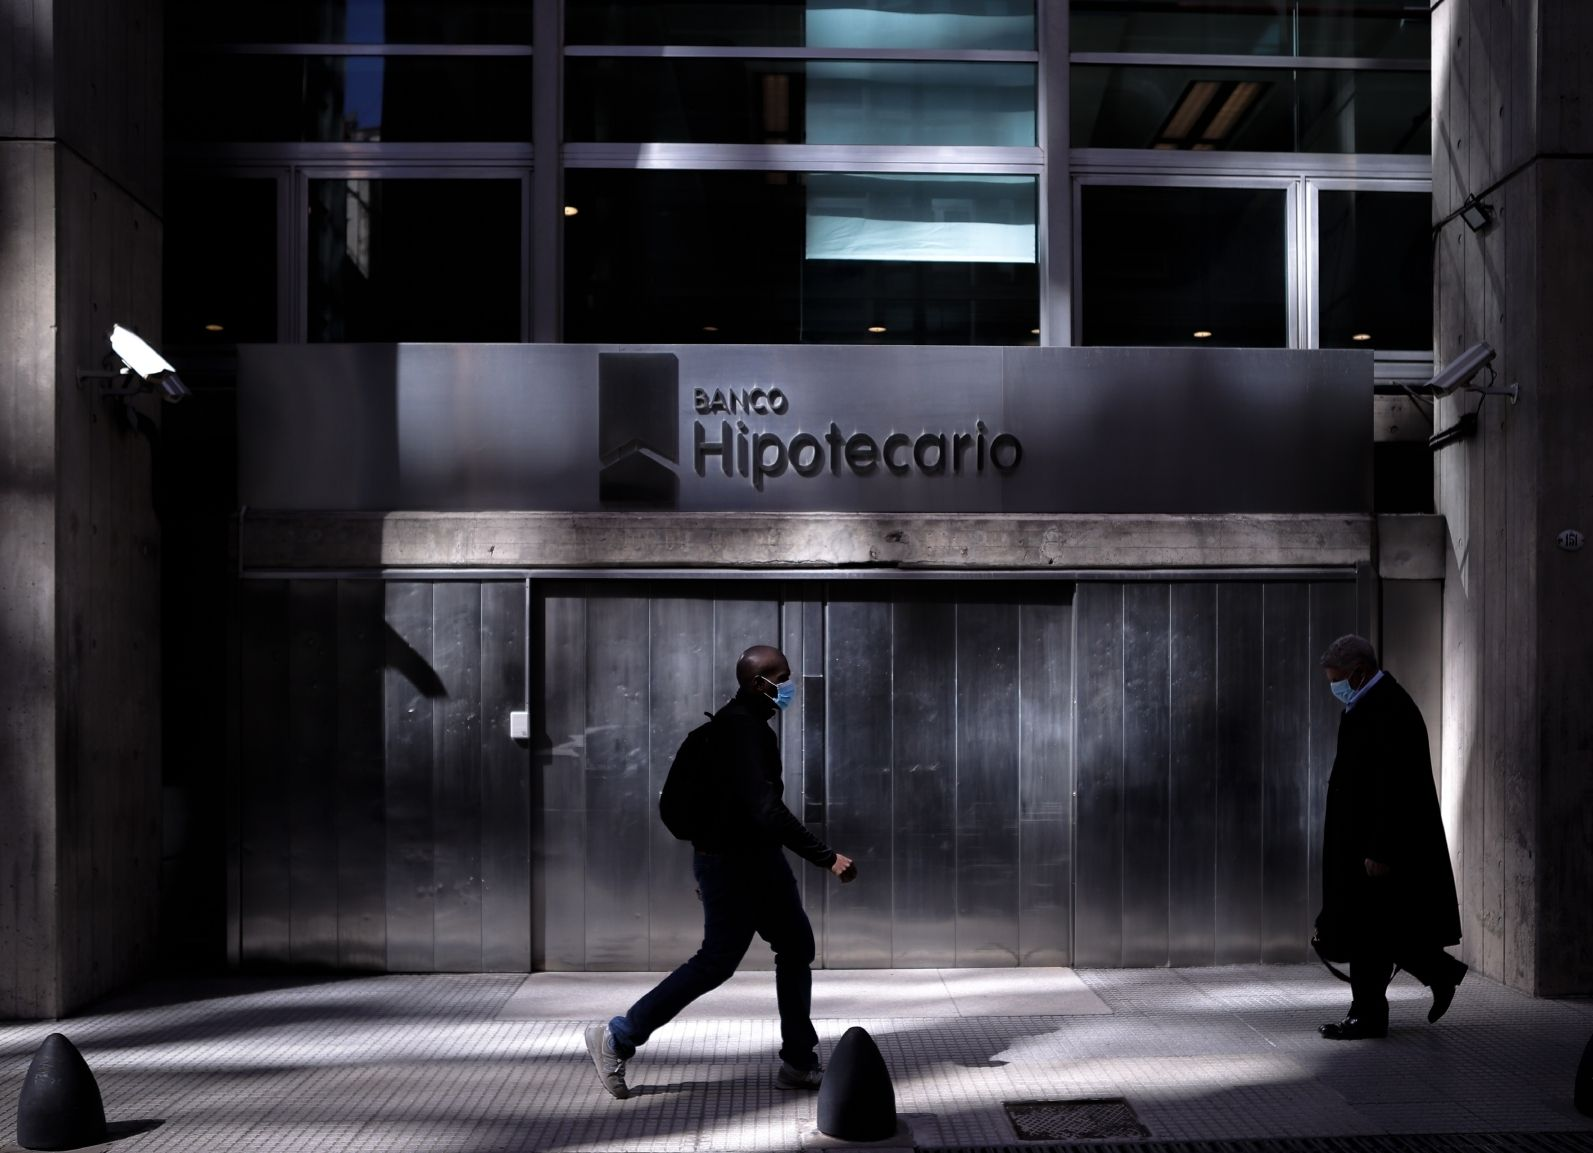 Ahorro. Transeúntes caminan frente a un banco en Buenos Aires. La desconfianza lleva a los argentinos a guardar su dinero fuera del sistema financiero tradicional.